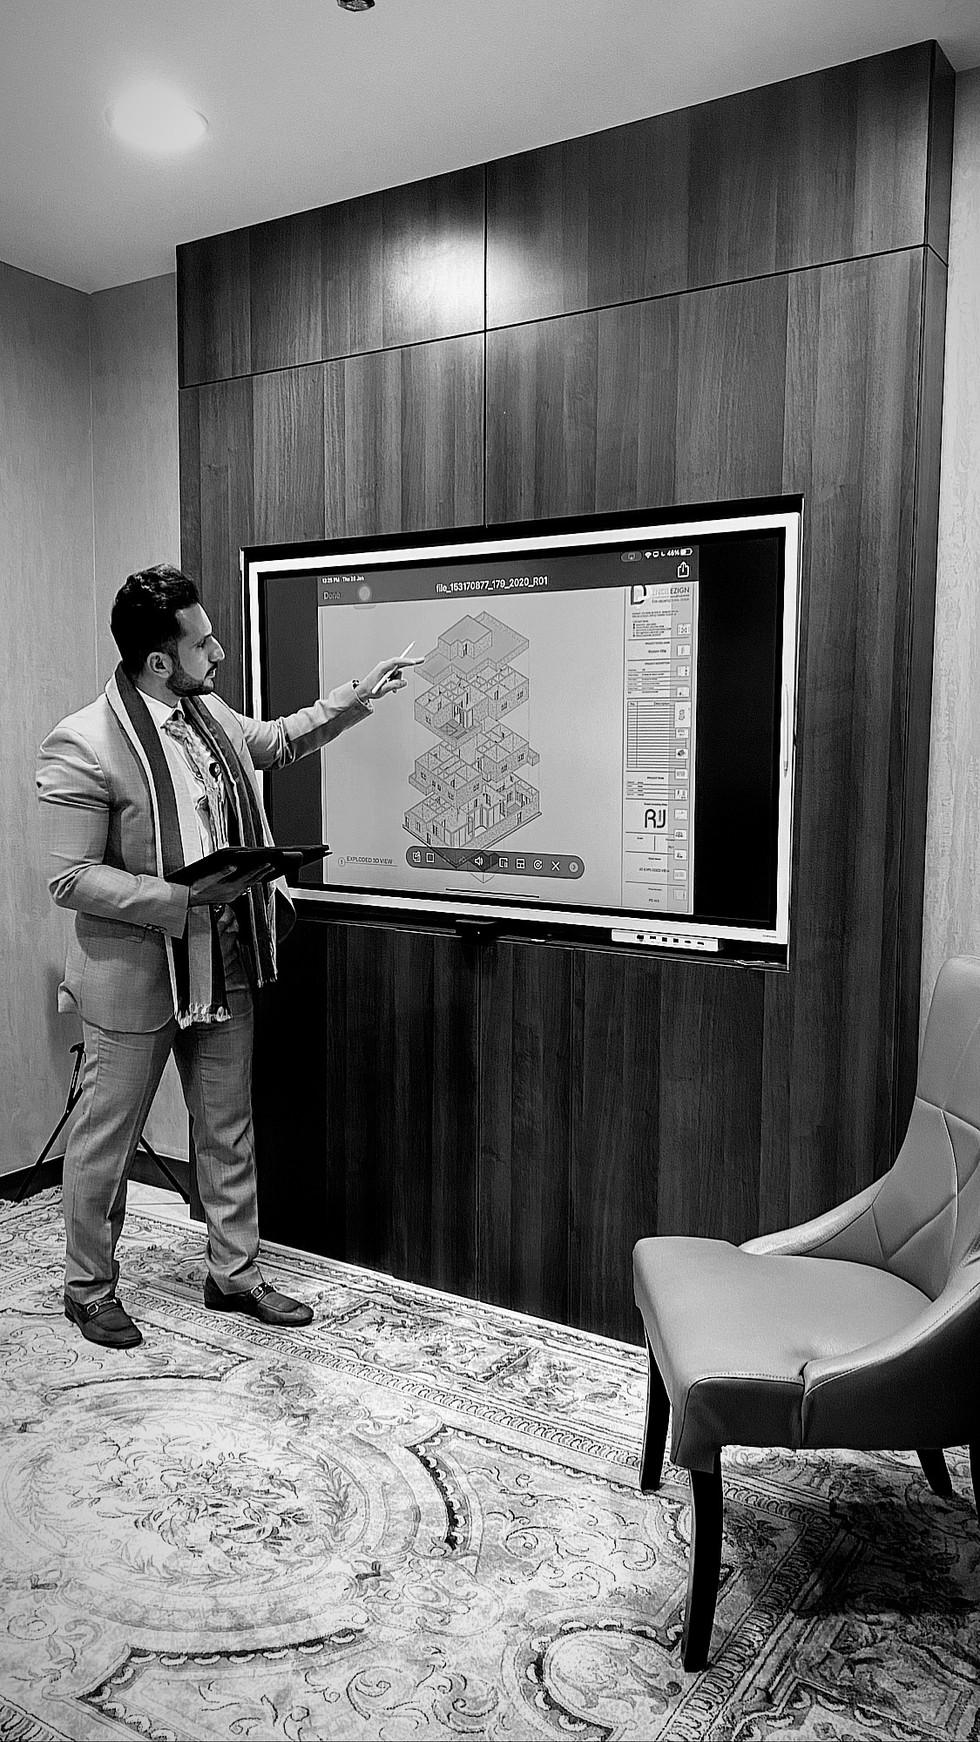 استخدام التكنلوجيا في غرفة العرض من شاشة قابلة لللمس والكتابة عليها